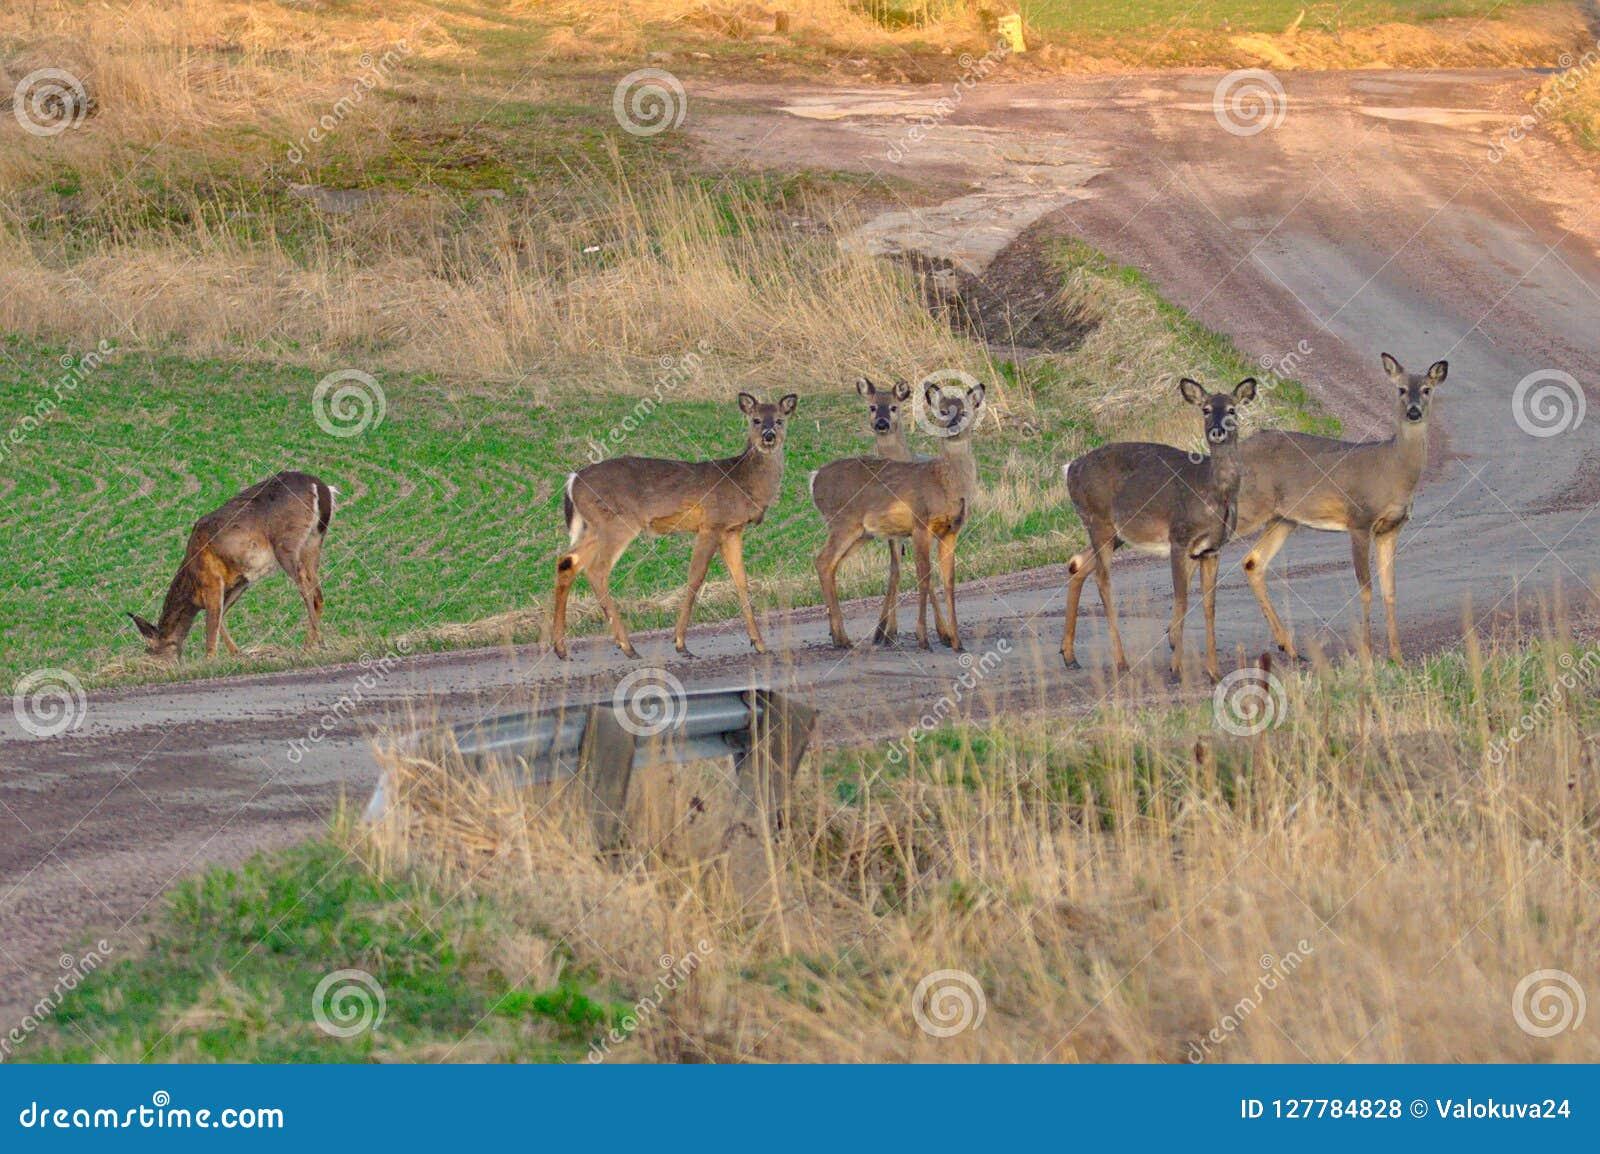 Deers on the road